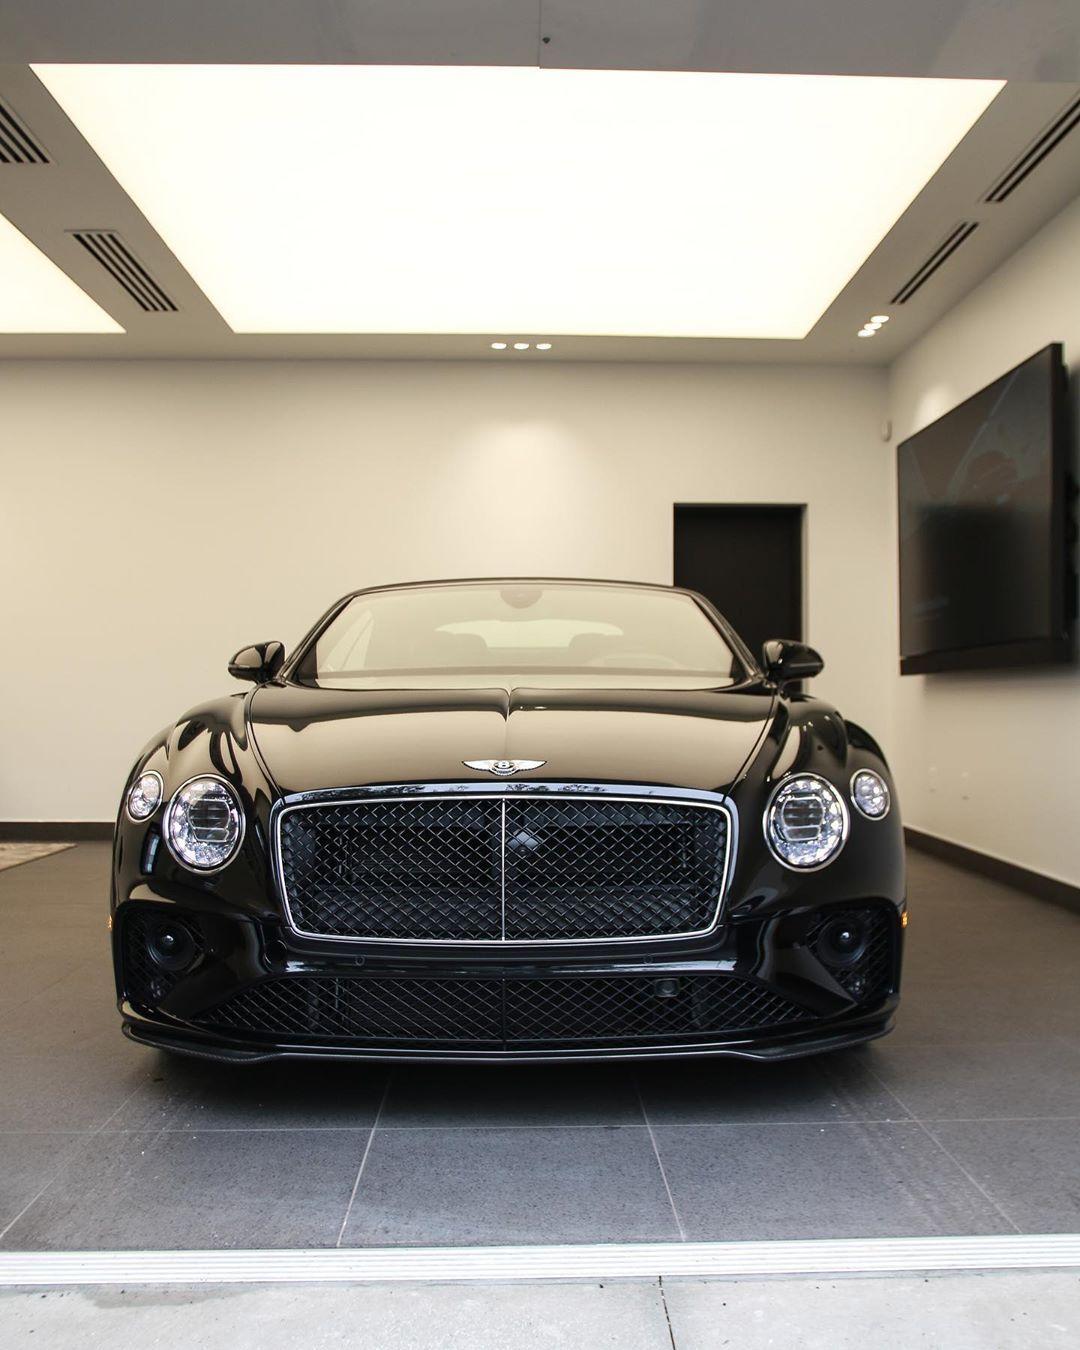 Bentley in 2020 Classy cars, Pretty cars, Bentley rolls